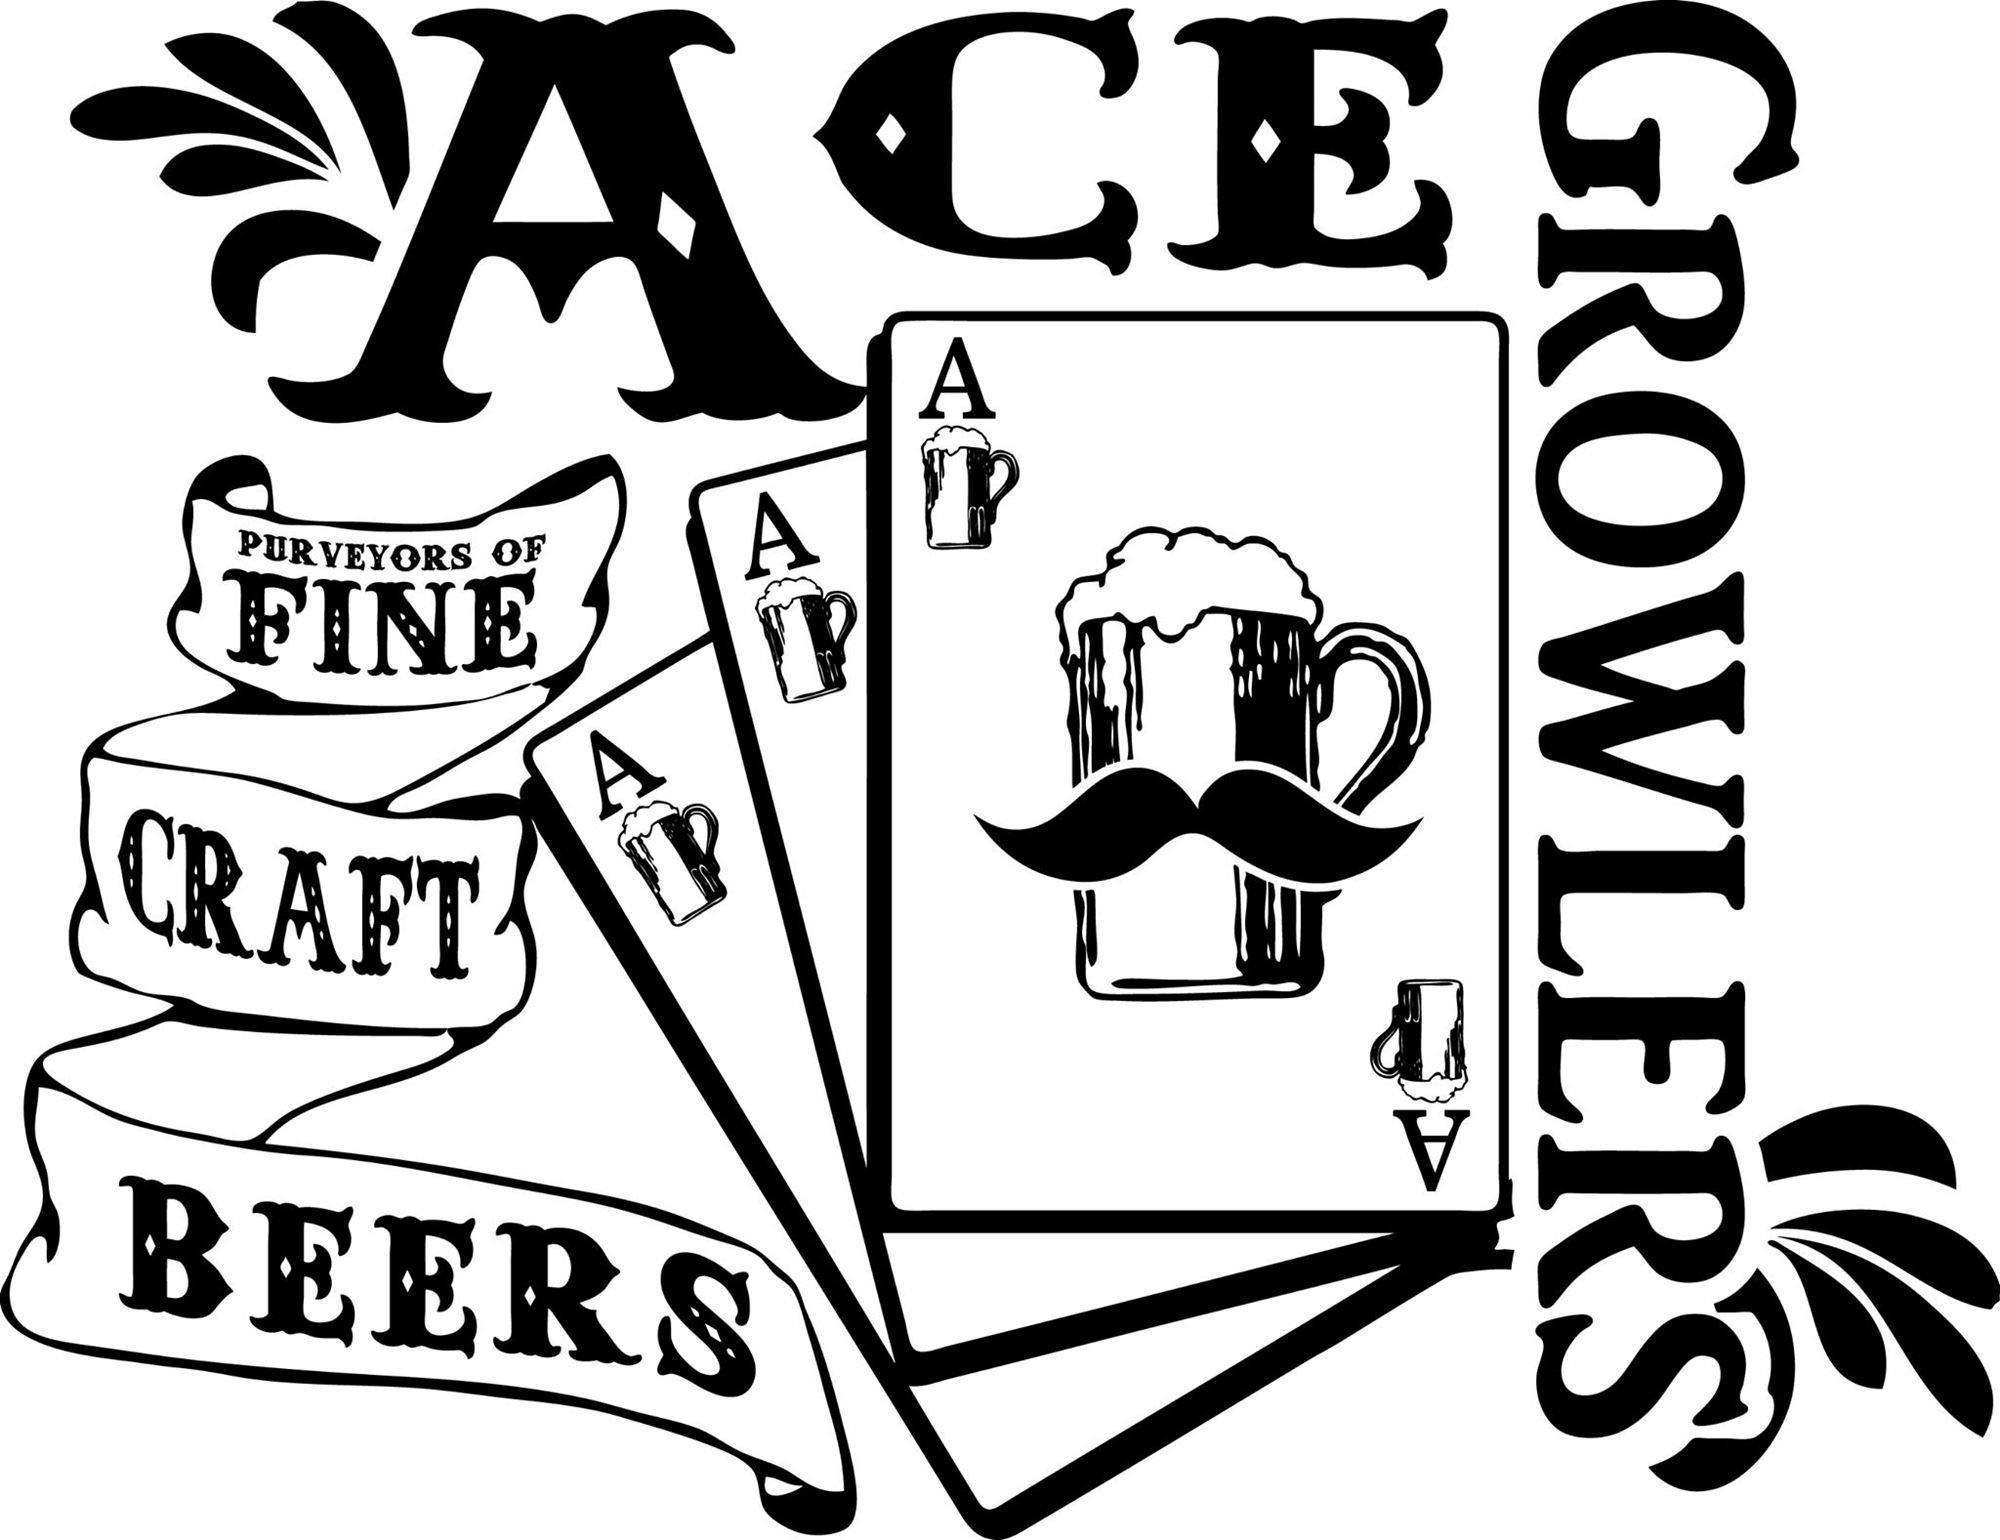 Ace Beer Growlers